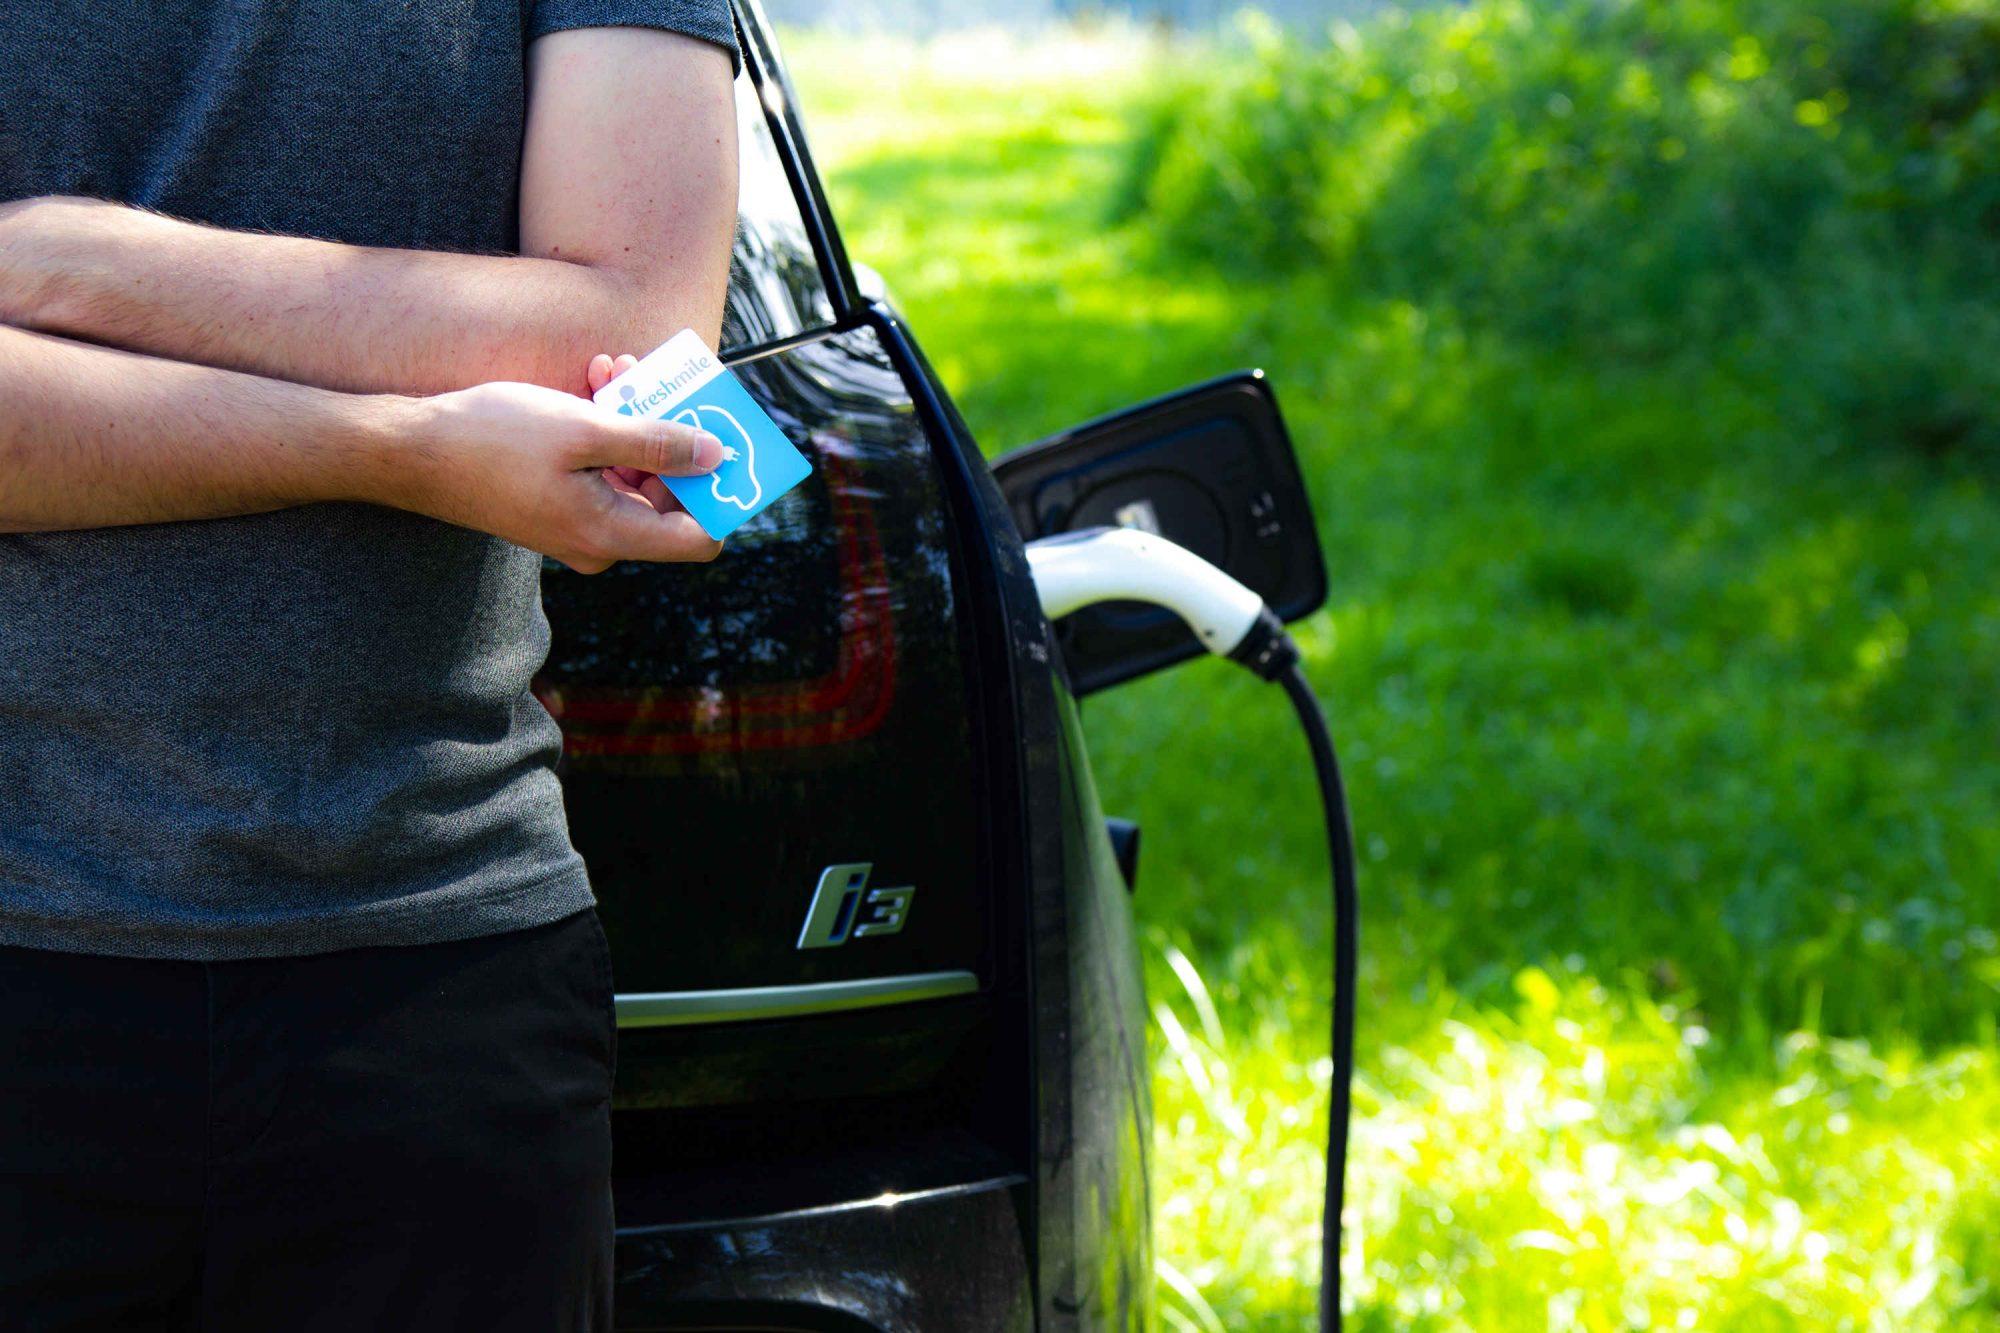 Rencontre avec Freshmile, la start-up qui vous aide à recharger votre voiture